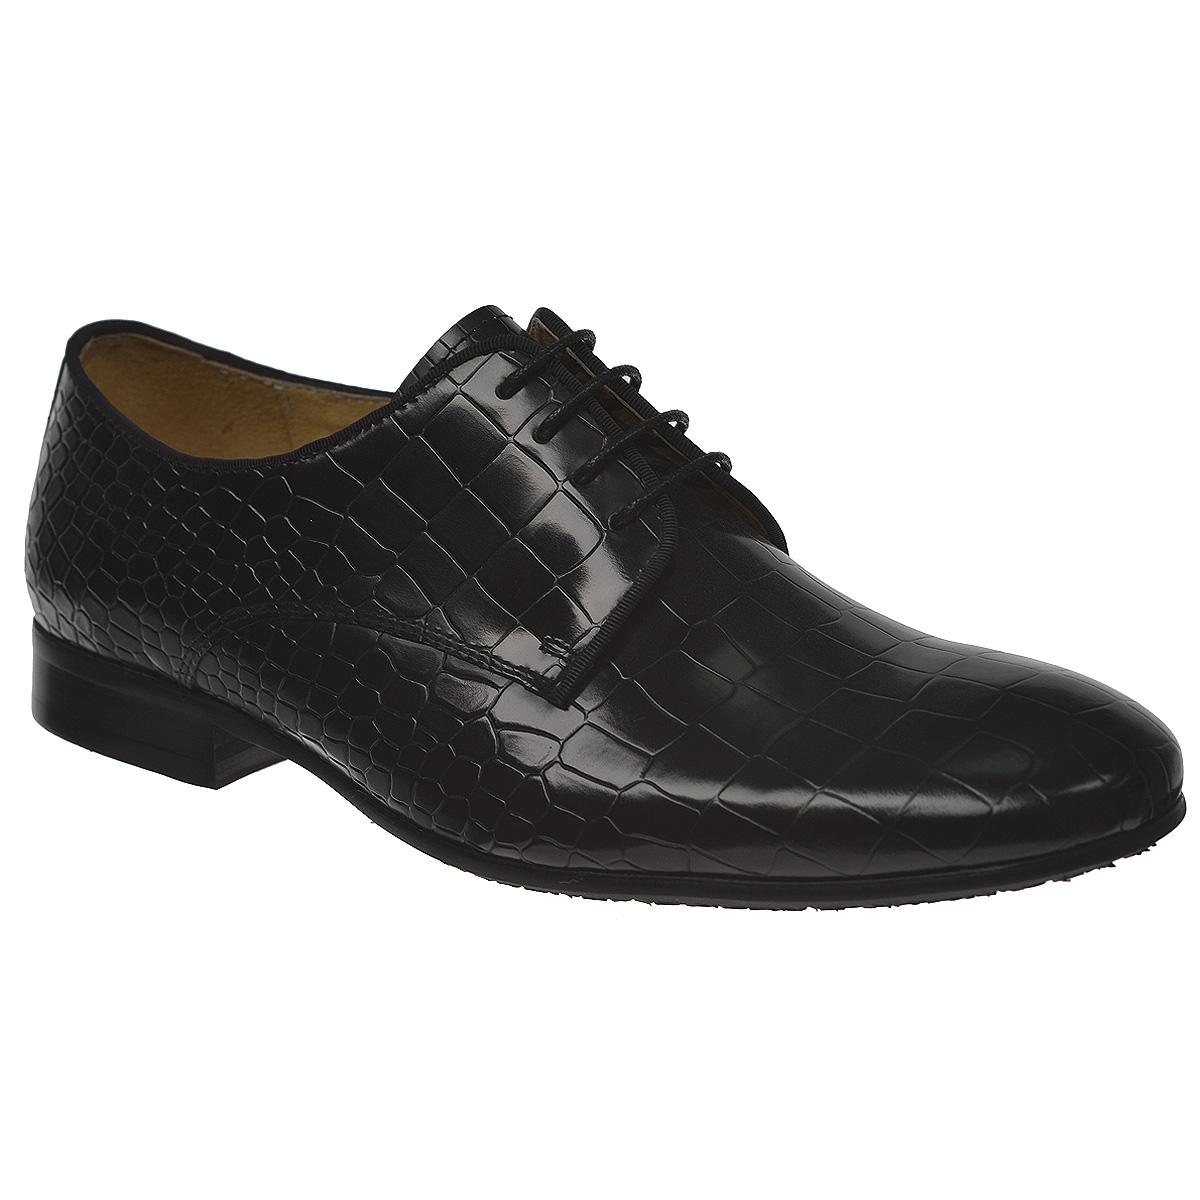 M171083Ультрамодные мужские туфли Vitacci займут достойное место в вашем гардеробе. Модель изготовлена из натуральной высококачественной кожи и декорирована тиснением под змеиную кожу, задним ремнем. Верх туфель по канту оформлен тонкой текстильной полоской. Шнуровка идеально зафиксирует модель на вашей ноге. Стелька из натуральной кожи дополнена нашивкой с названием бренда. Каблук и подошва с рифлением обеспечат идеальное сцепление с любой поверхностью. Оригинальные туфли внесут изюминку в ваш модный образ.